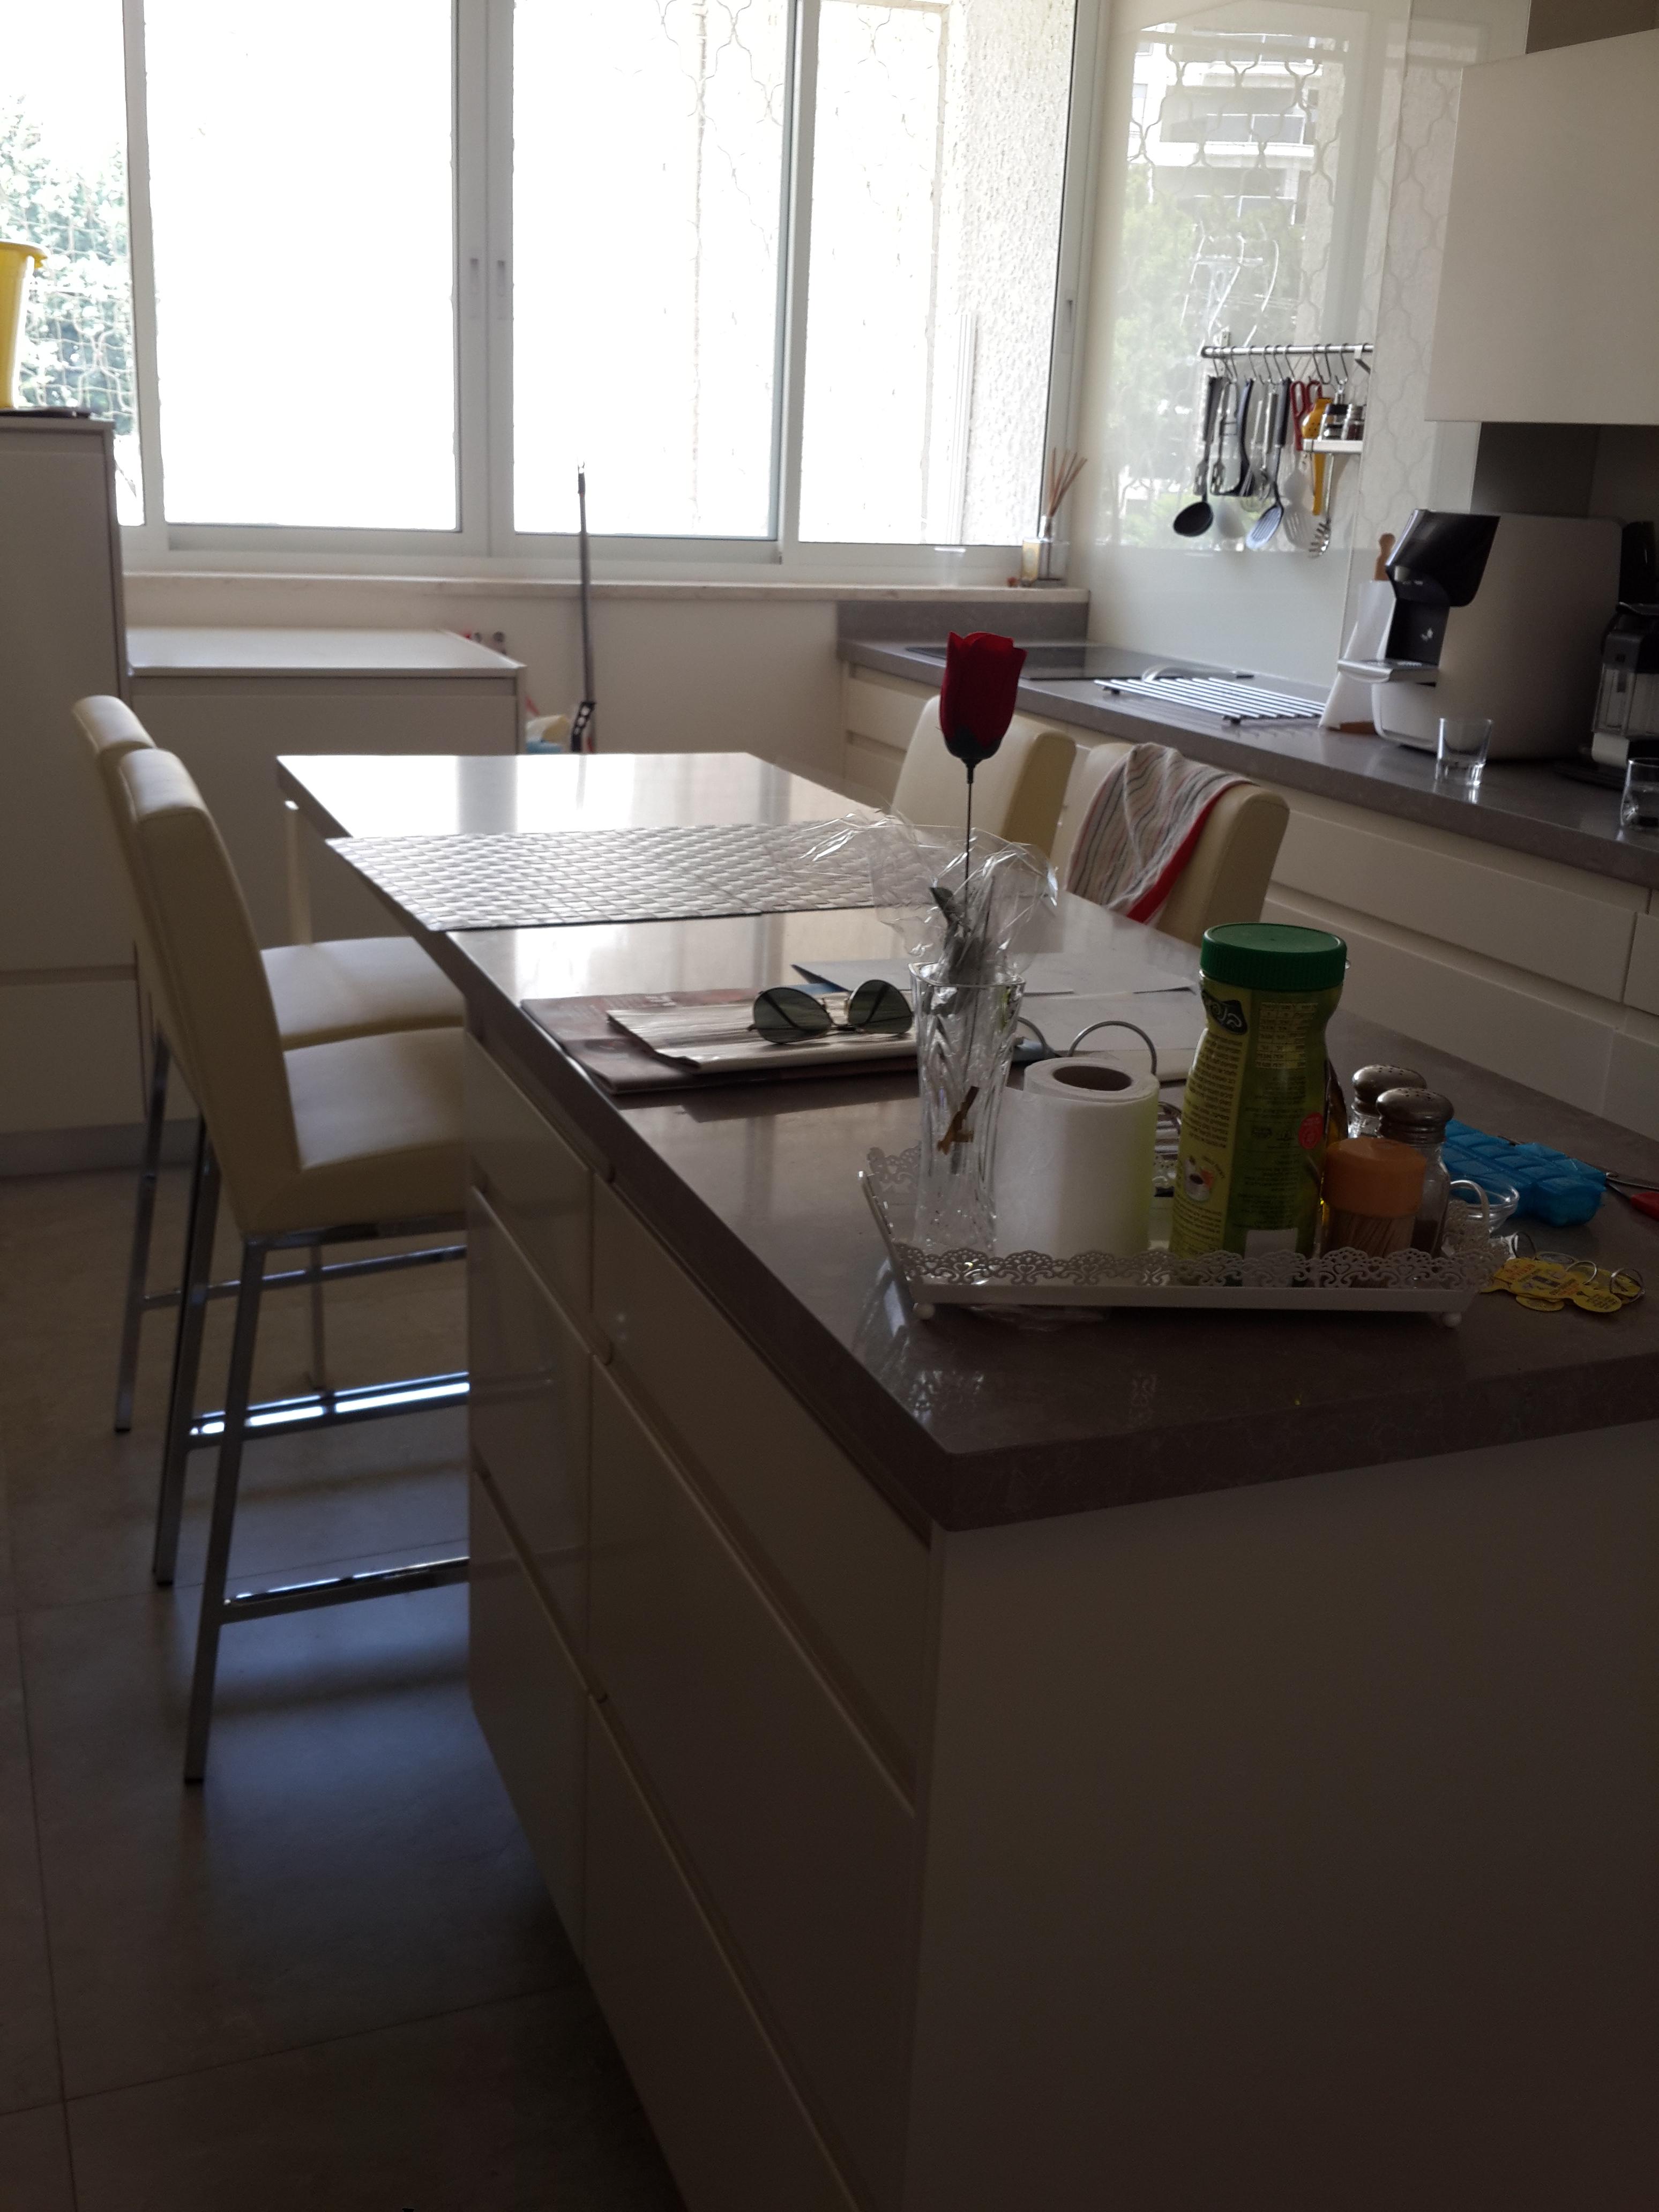 עיצוב ושיפוץ מטבחים שחר תכנון ובנייה